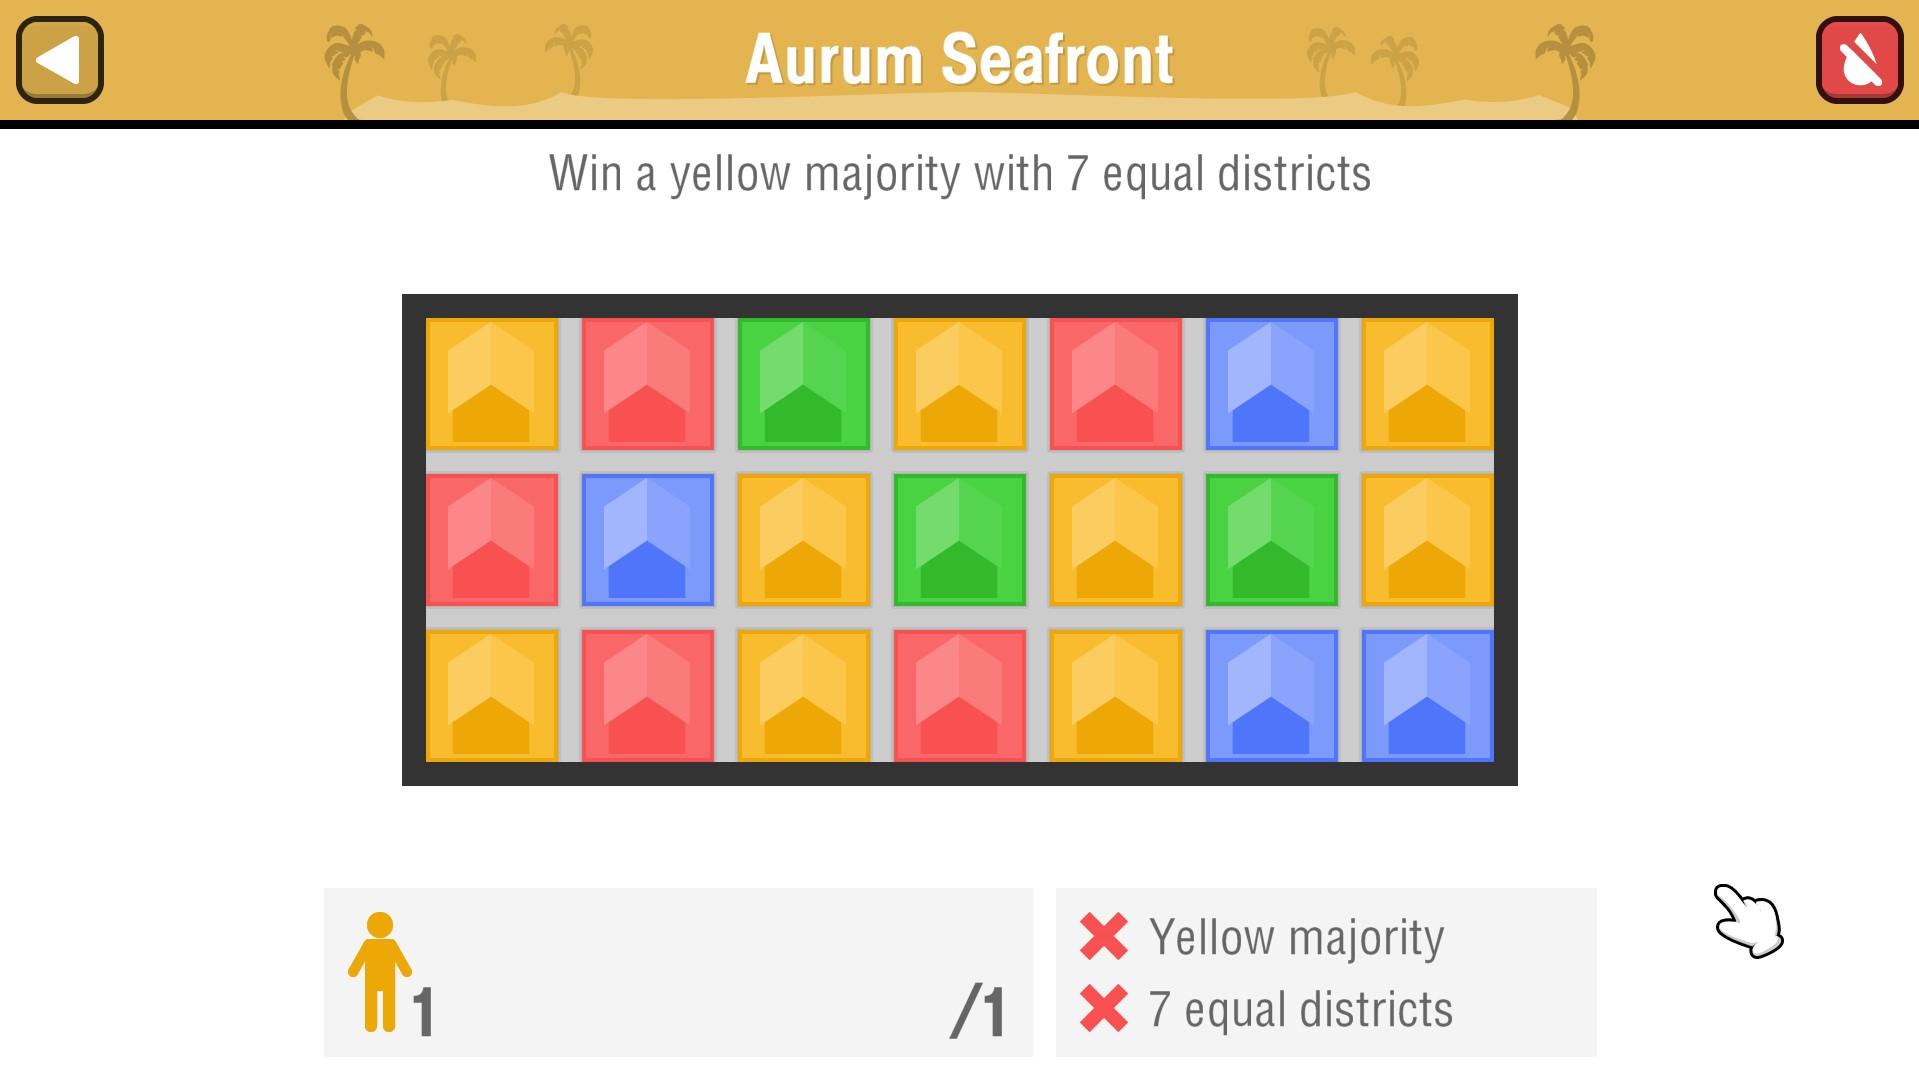 Aurum Seafront